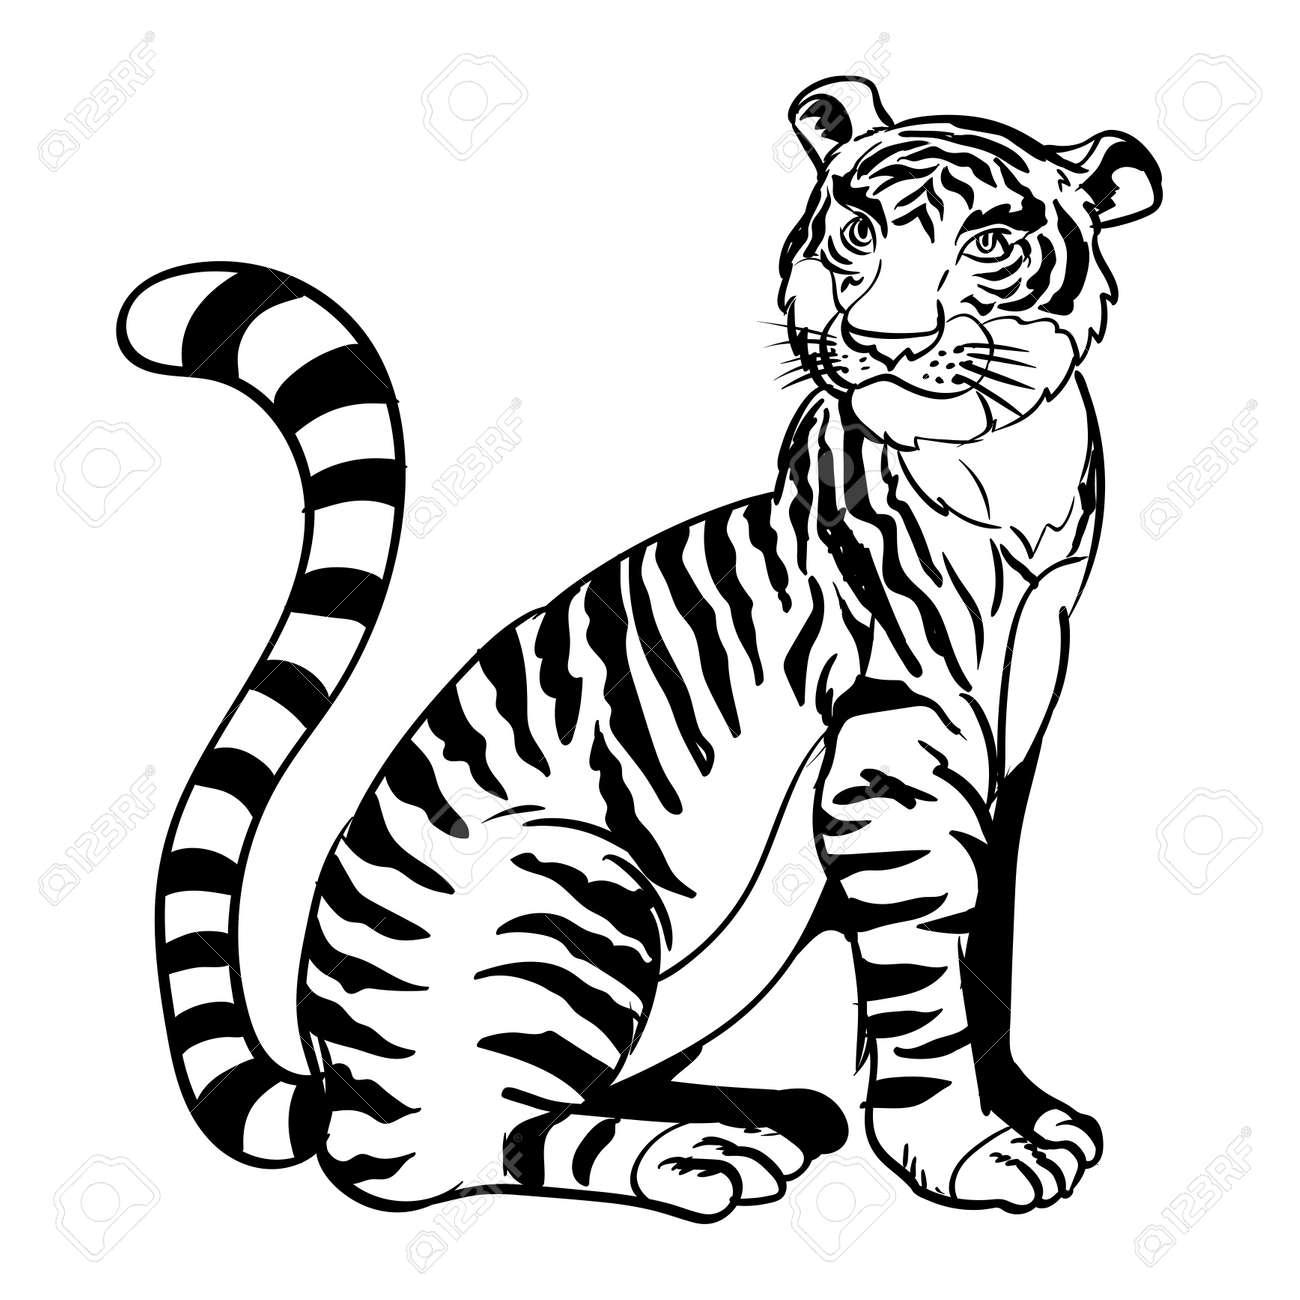 Dessin Dessin Animé Un Tigre Assis En Noir Et Blanc Couleur